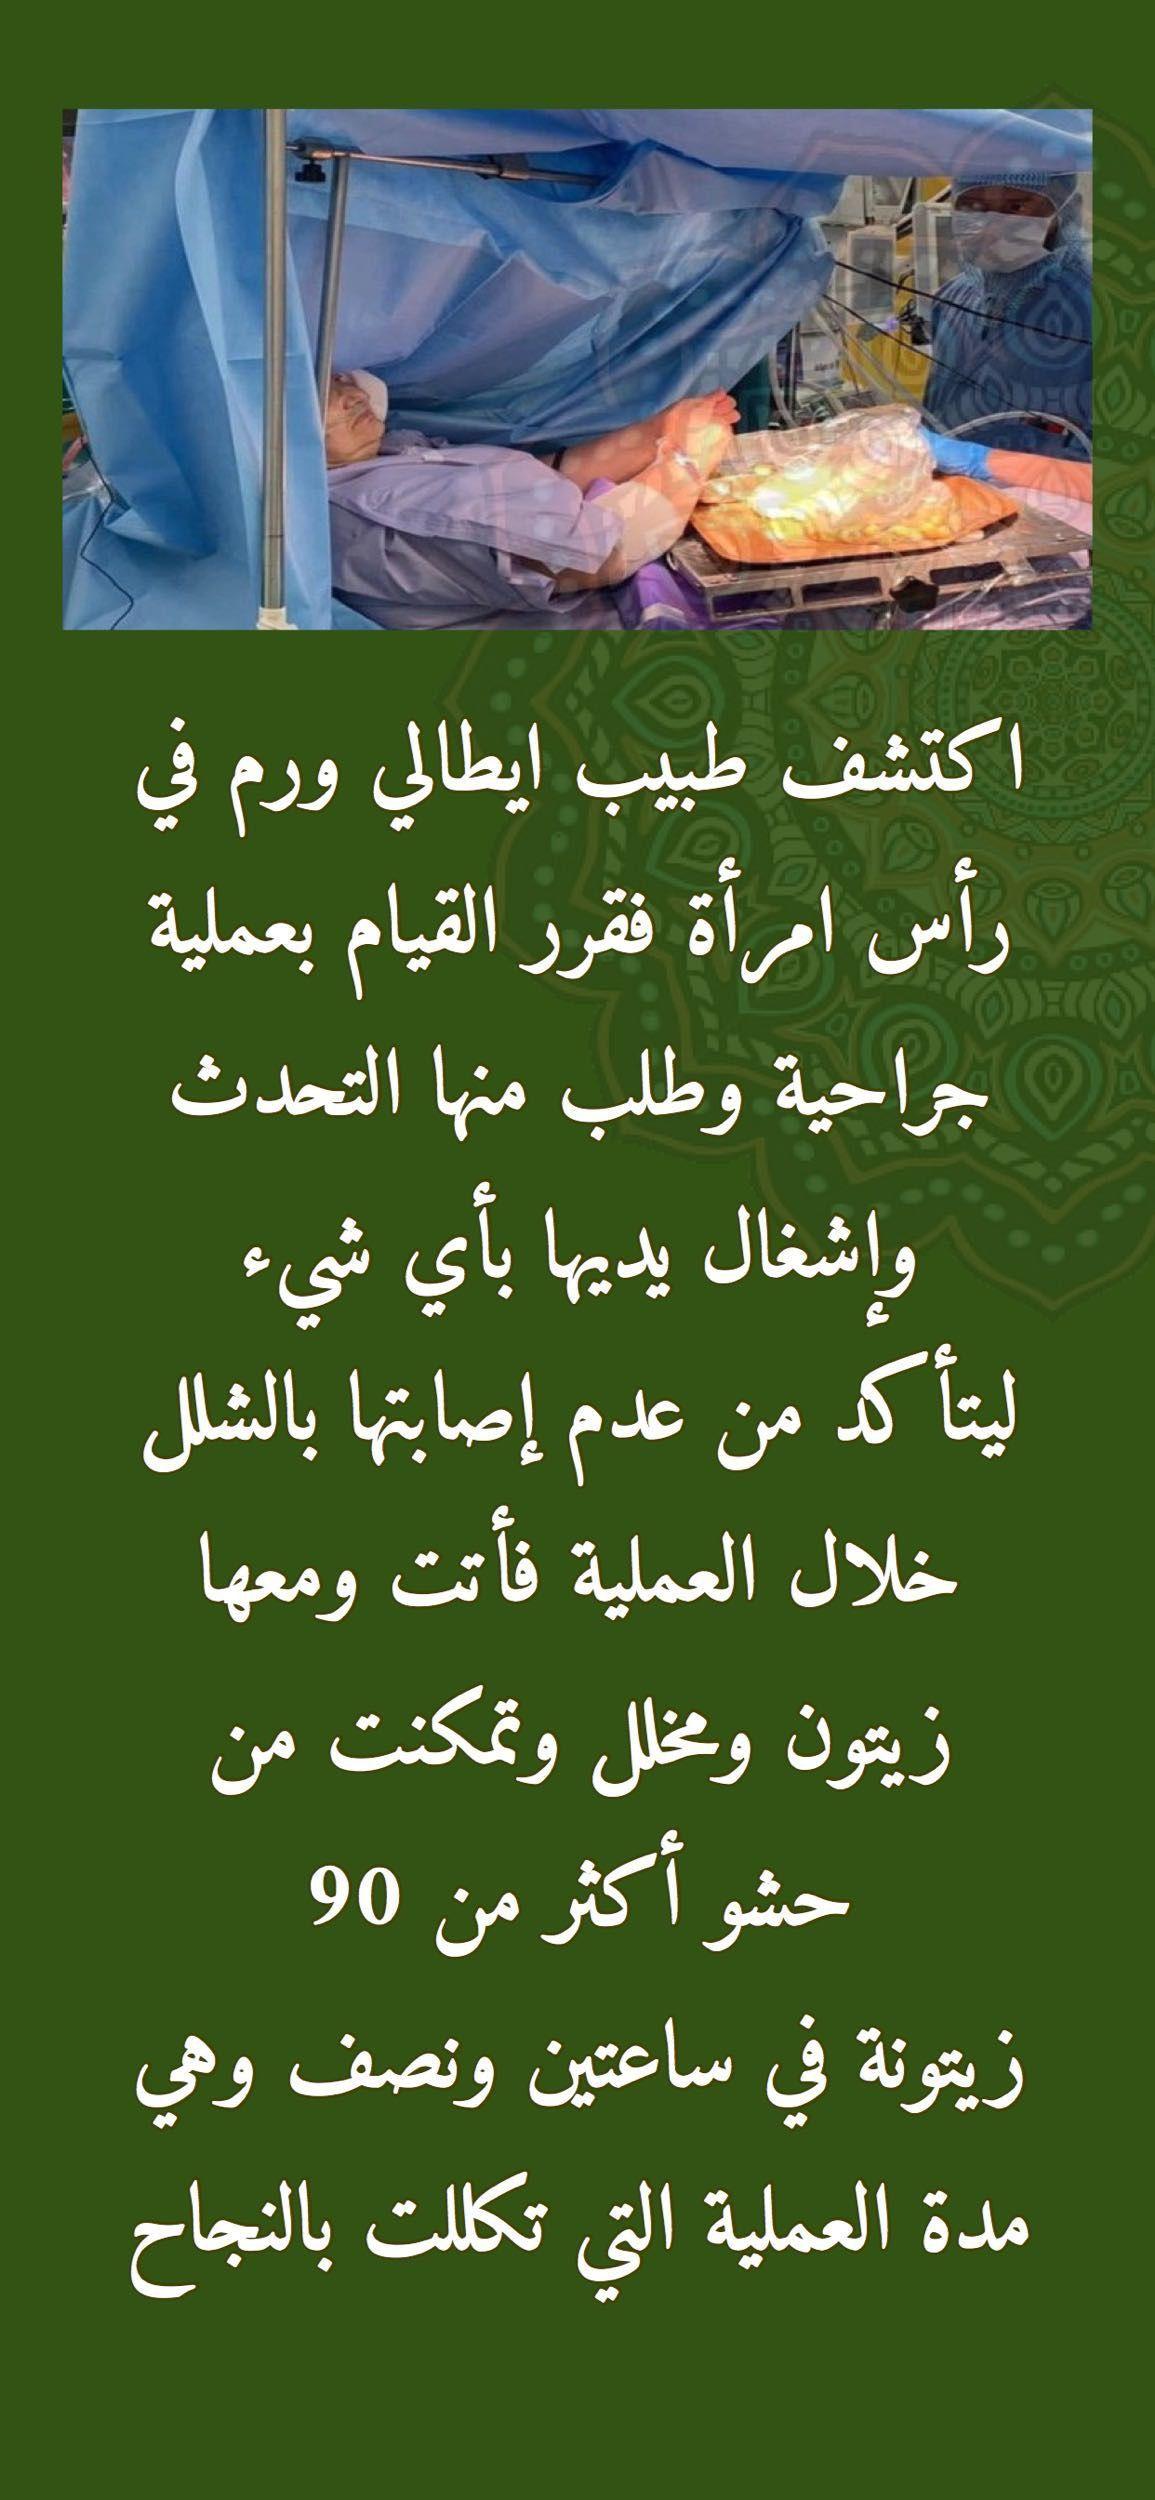 السعوديه الخليج رمضان الشرق الأوسط سناب كويت فايروس كورونا تصميم شعار لوقو دعاء 90 S